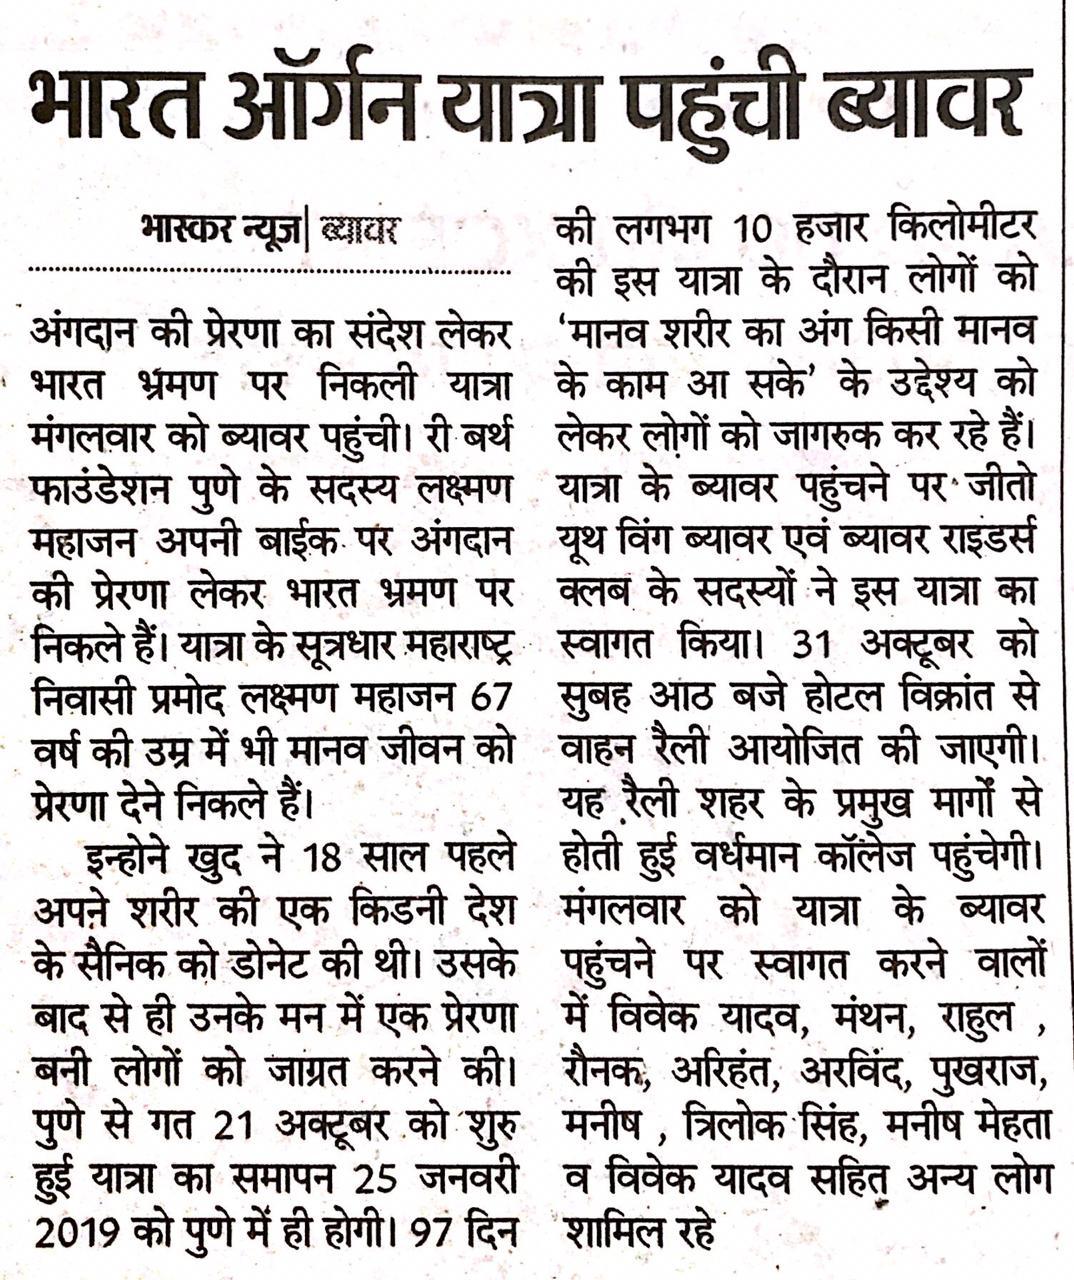 byawar_bhaskar-news.jpeg